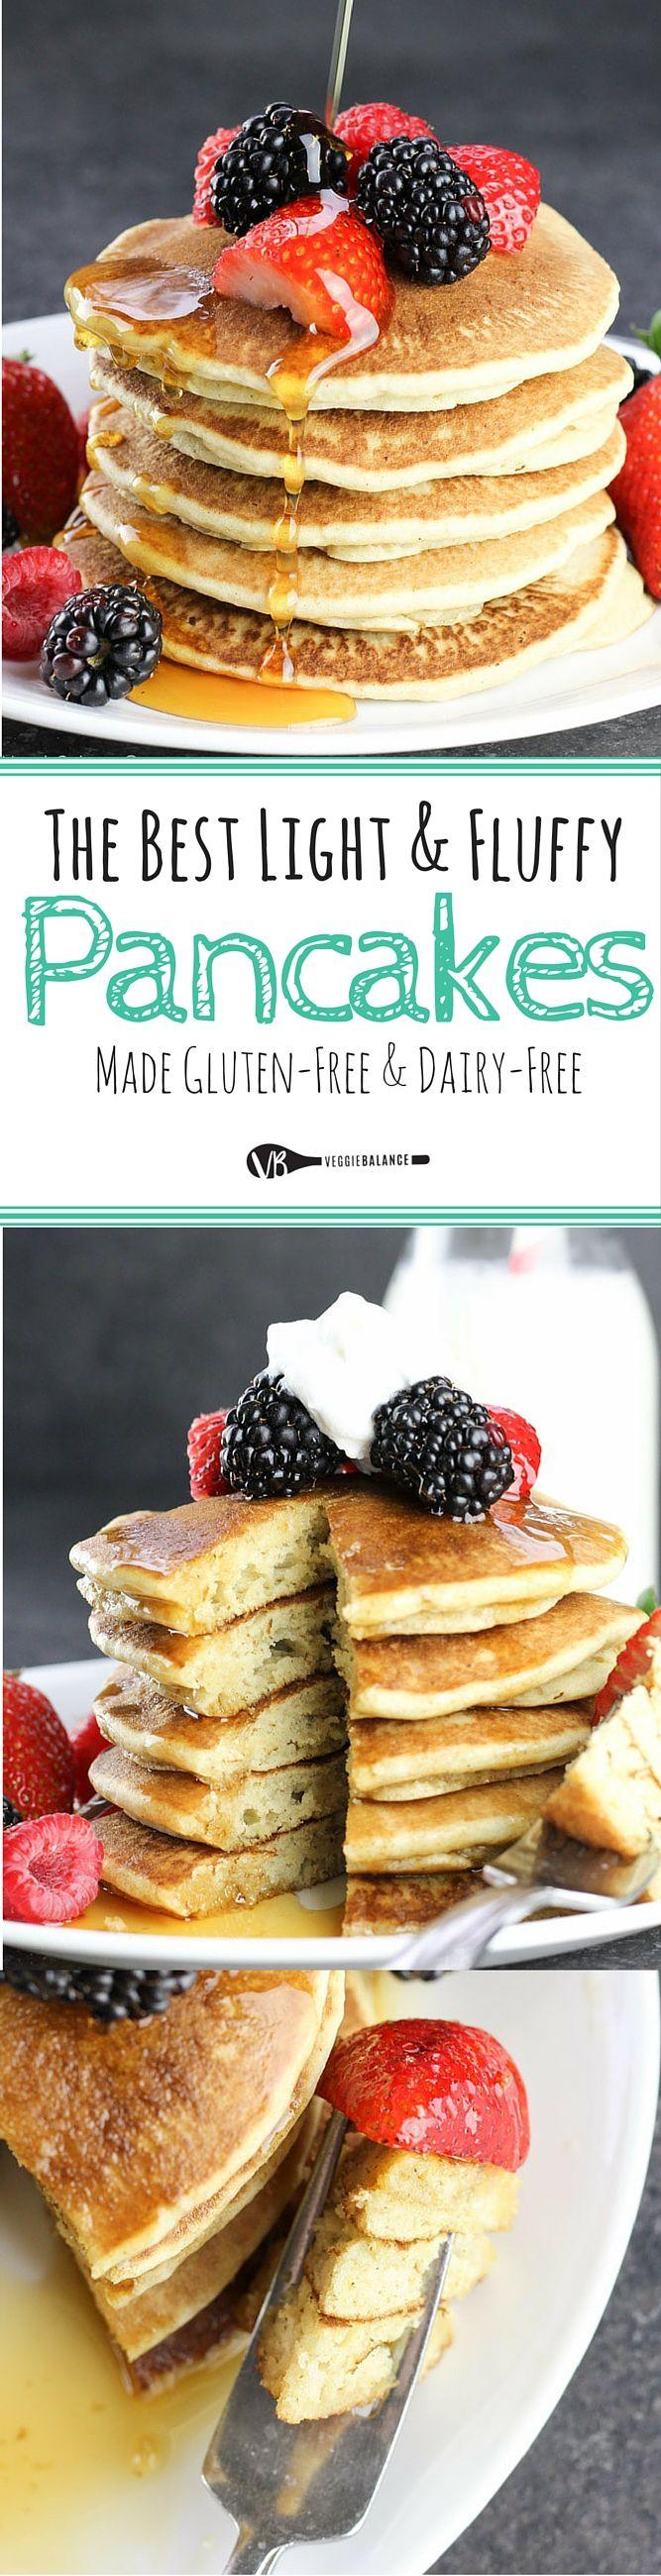 Best Gluten Free Buttermilk Pancakes Veggie Balance Dairy Free Pancakes Gluten Free Dairy Free Recipes Dairy Free Breakfasts